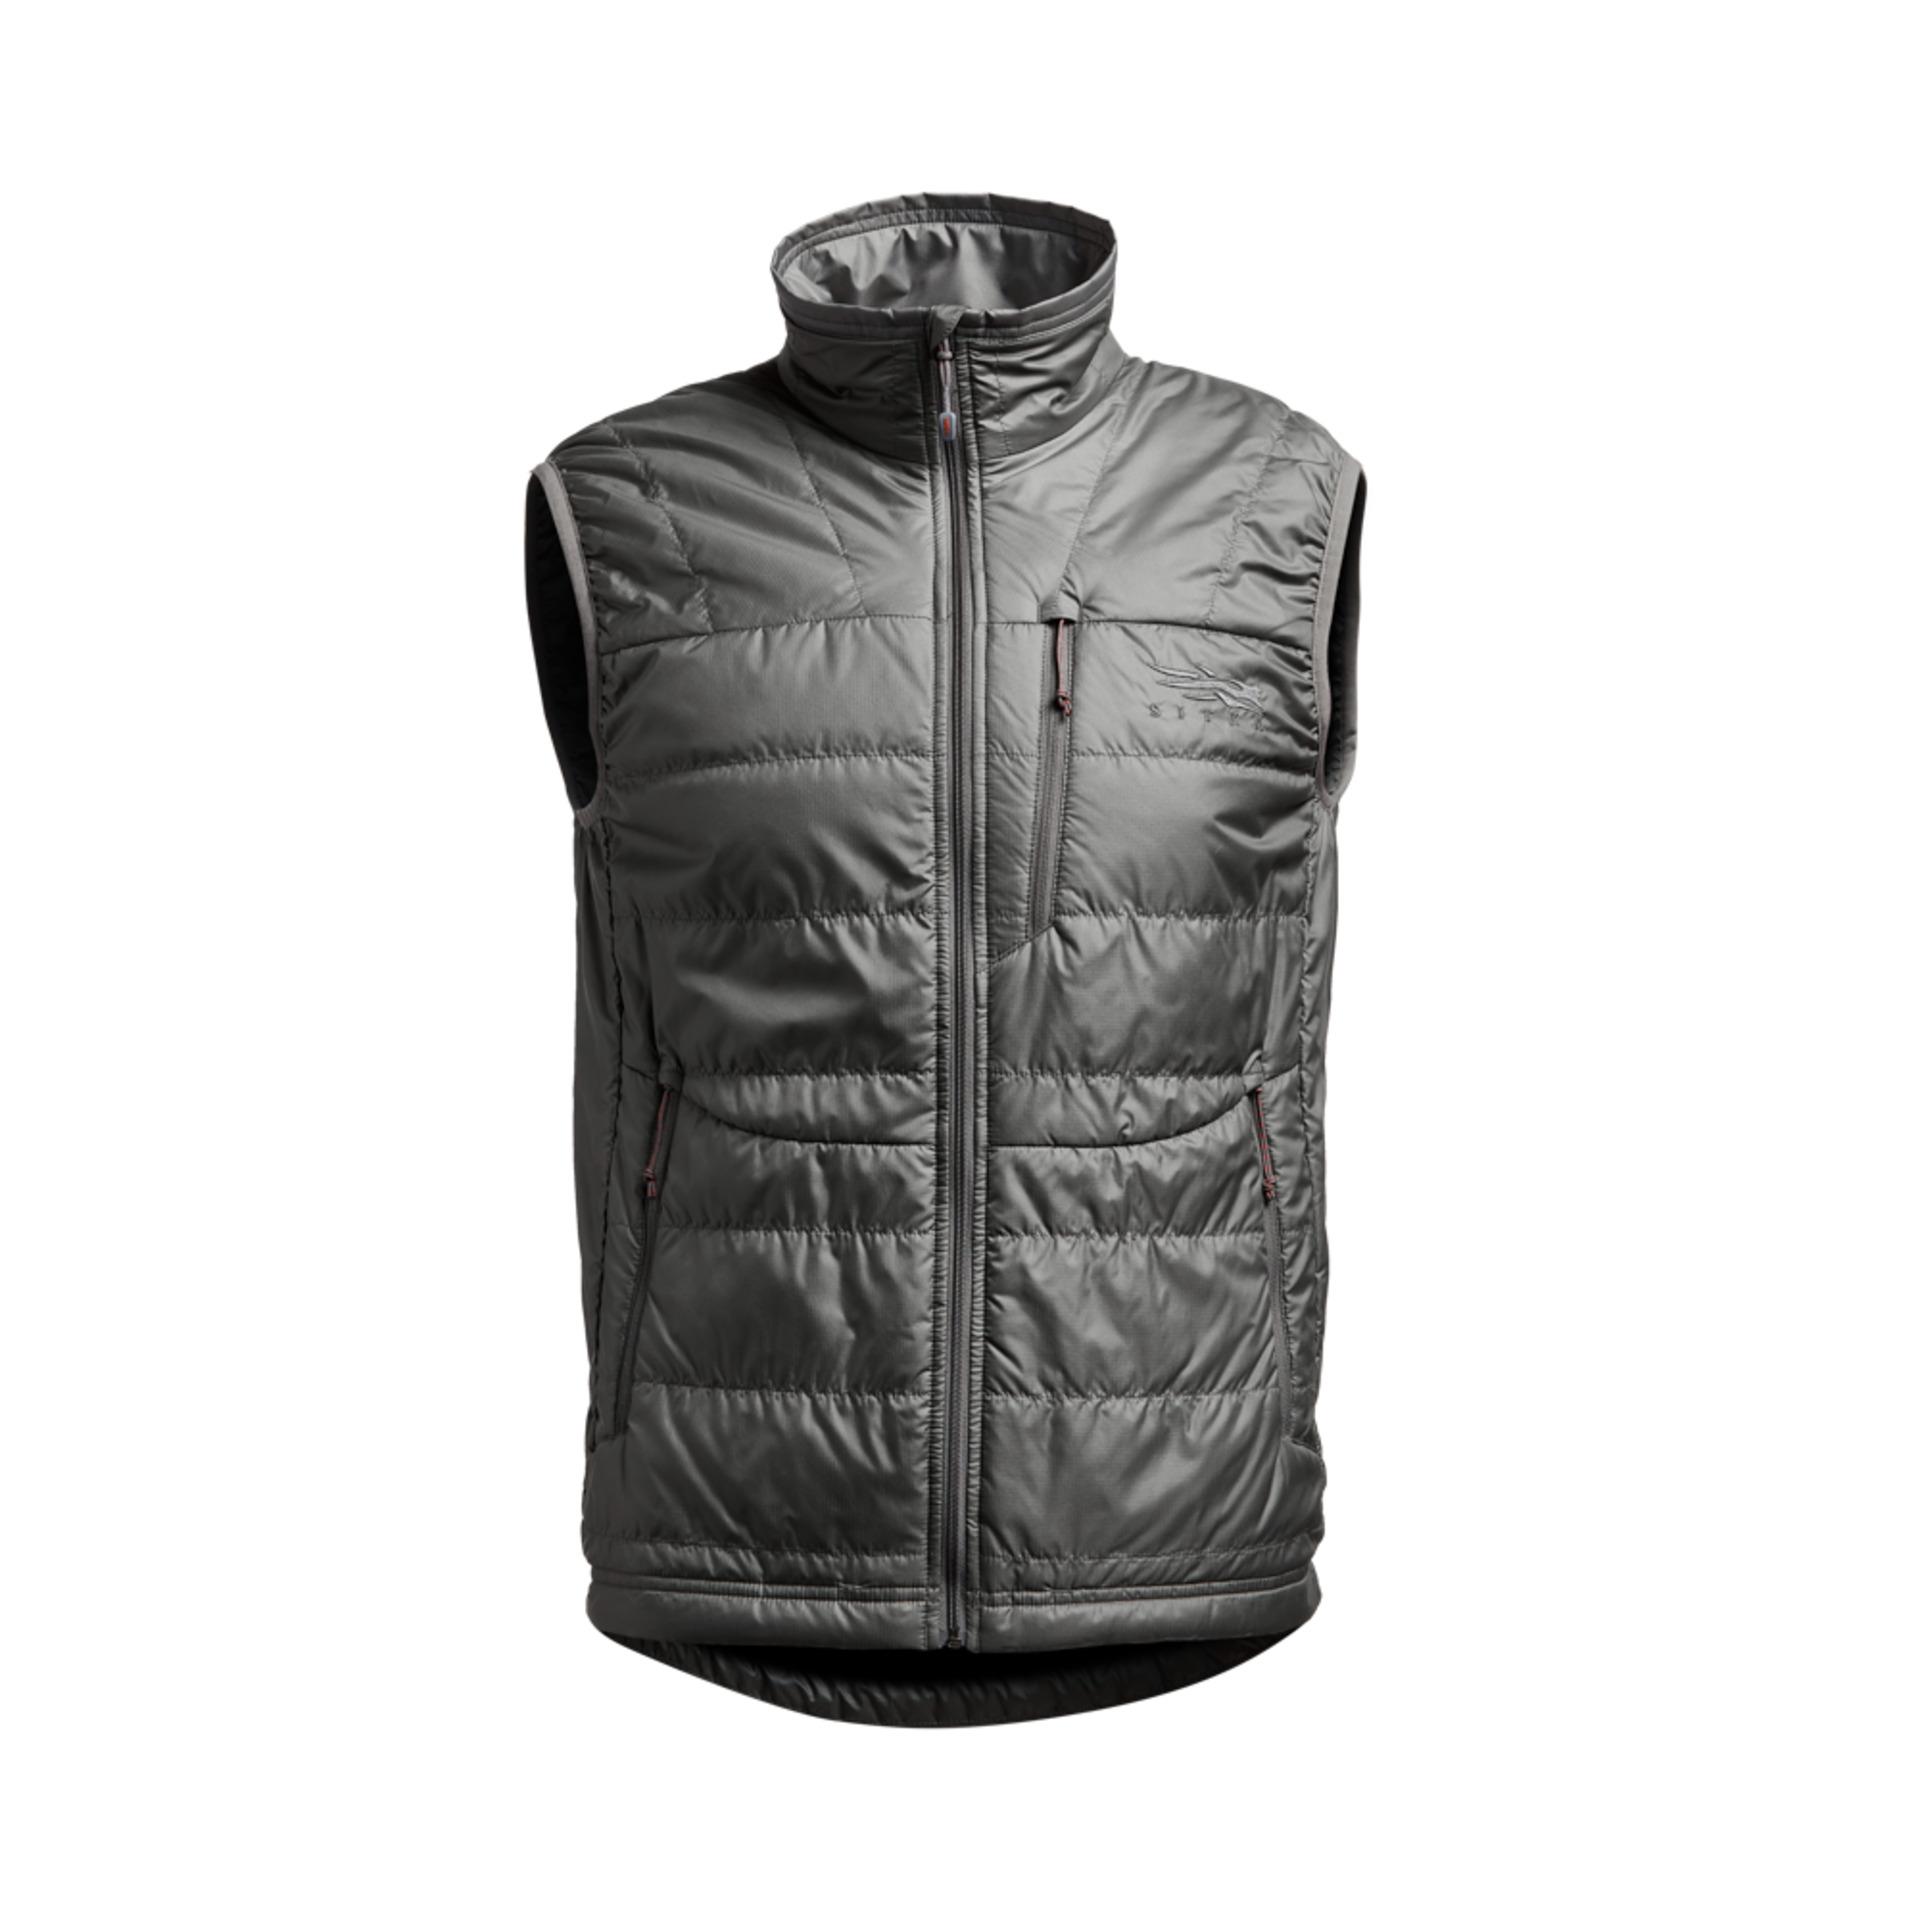 Sitka Gear - Kelvin Aerolite Vest Shadow